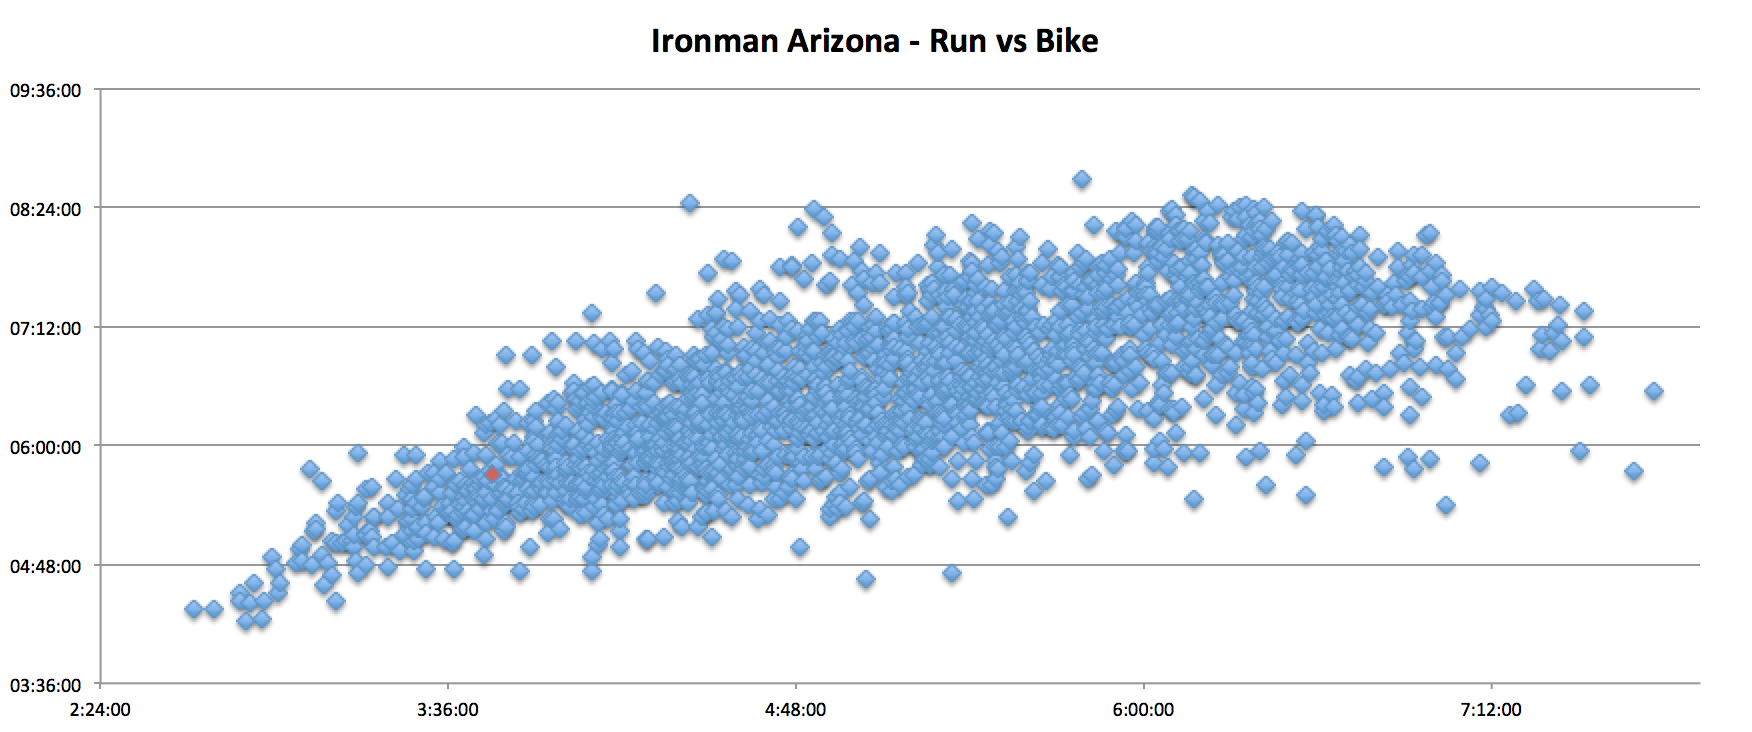 ironman_arizona_run_vs_bike